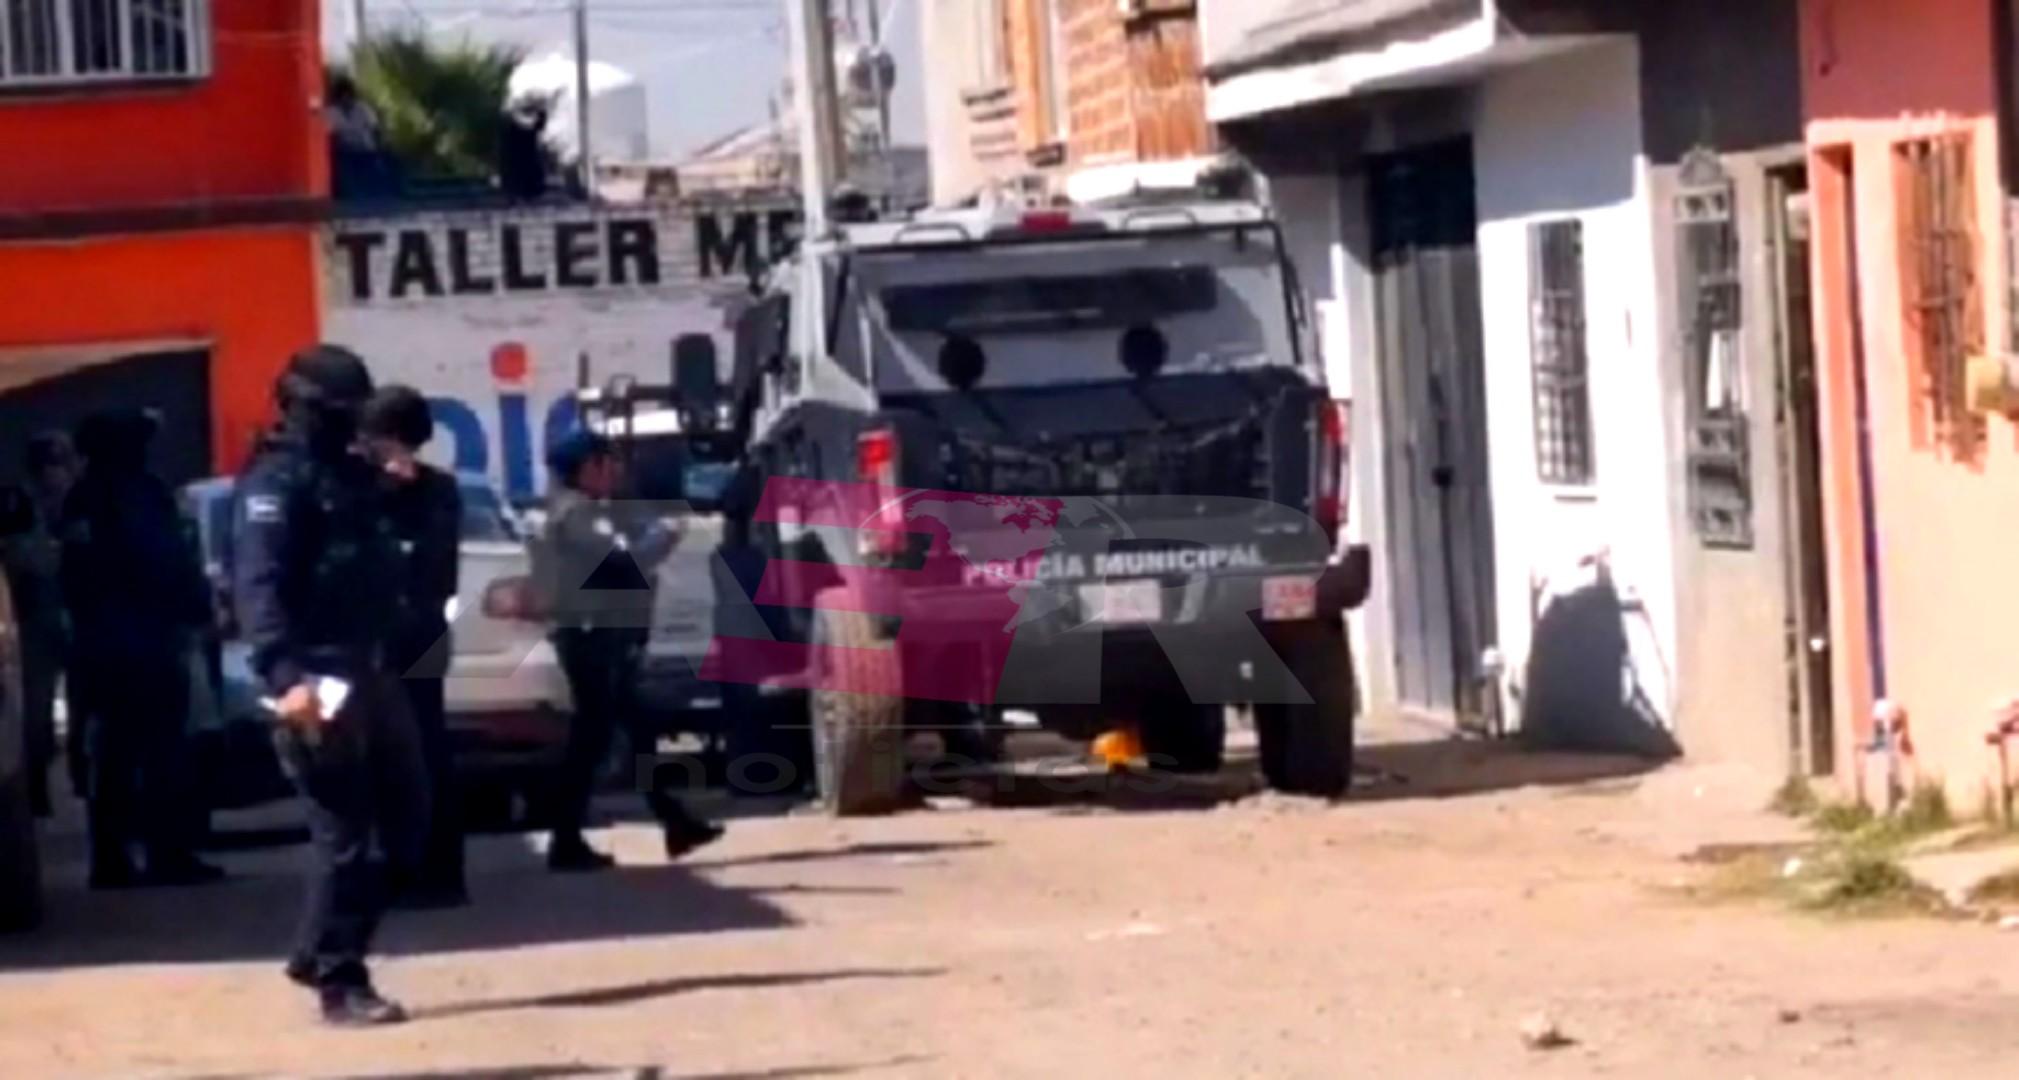 HIEREN A POLICÍA EN BALACERA EN LA COLONIA SAN ISIDRO 2